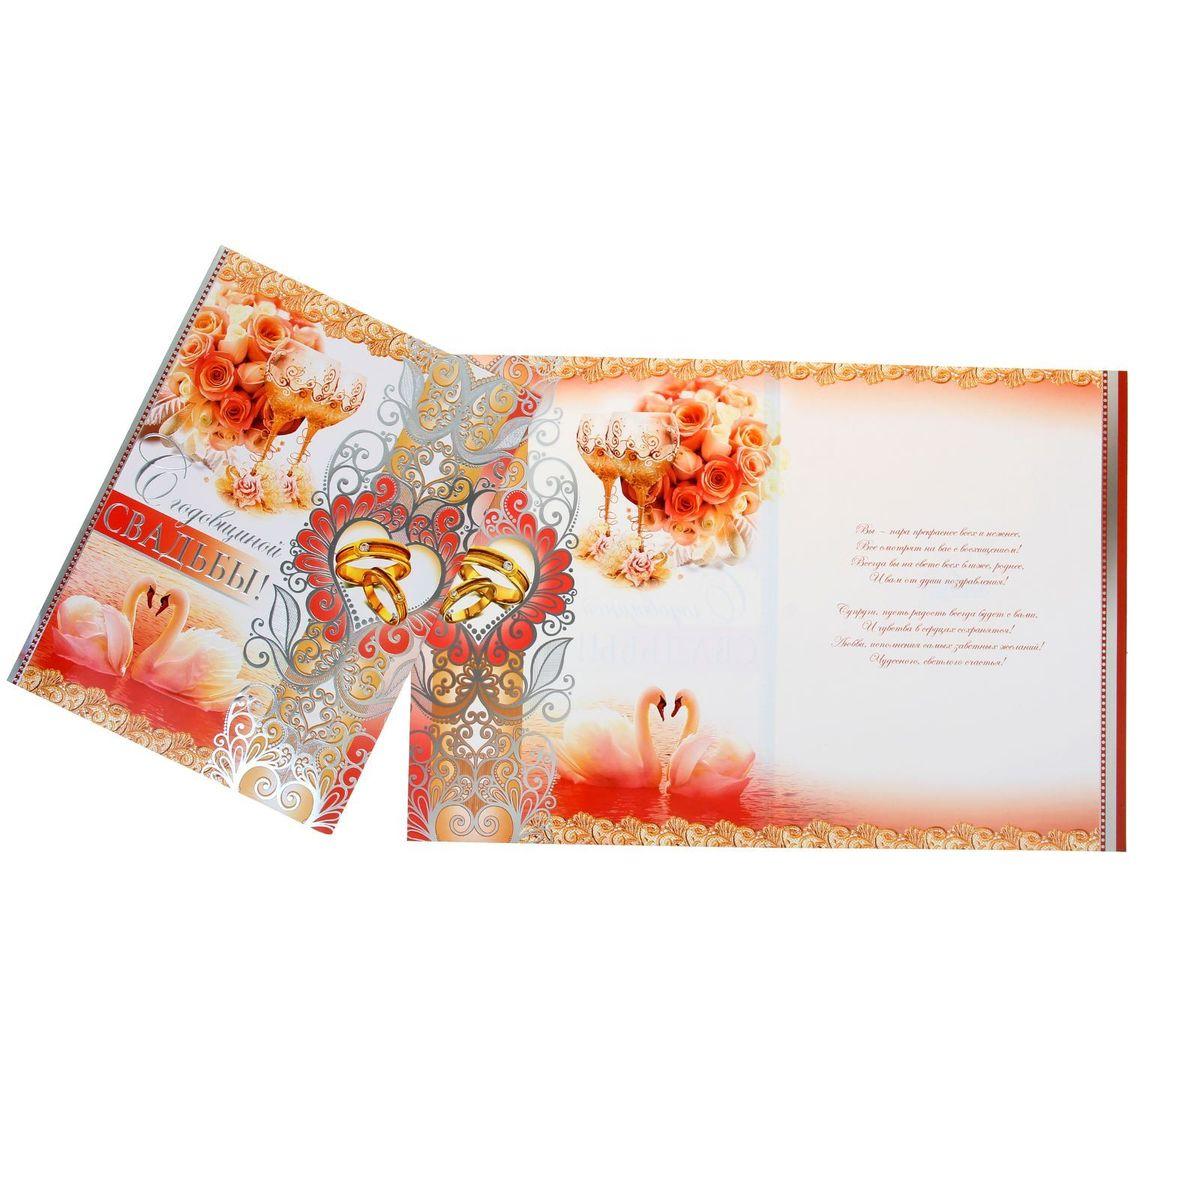 """Если вы хотите порадовать себя или близких, создать  праздничное настроение и с улыбкой провести памятный день,  то вы, несомненно, сделали правильный выбор! Открытка  Атмосфера праздника """"С днем свадьбы!"""", выполненная из  плотной бумаги, отличается не только оригинальным  дизайном, но и высоким качеством.   Лицевая сторона изделия оформлена ярким изображением. Внутри открытка  содержит текст с  поздравлением.   Такая открытка непременно порадует получателя и станет  отличным напоминанием о проведенном вместе времени."""